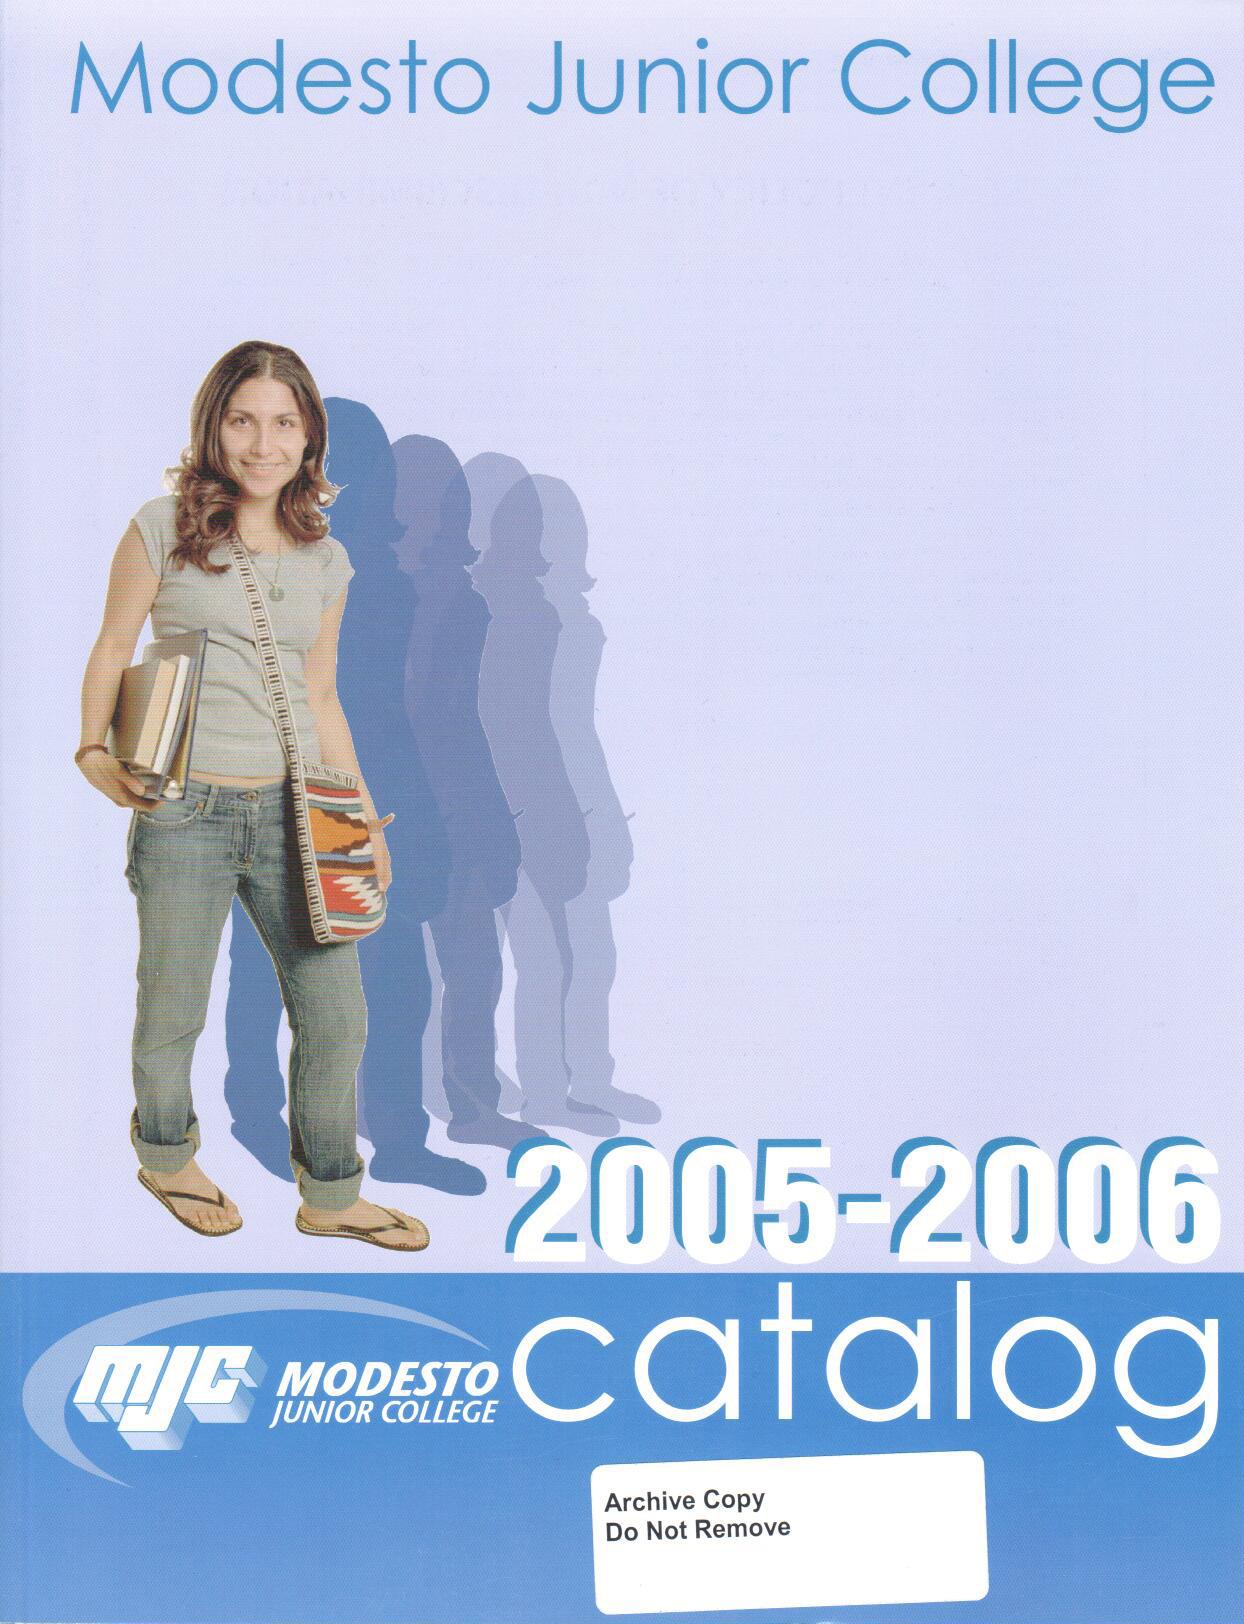 mjc online courses